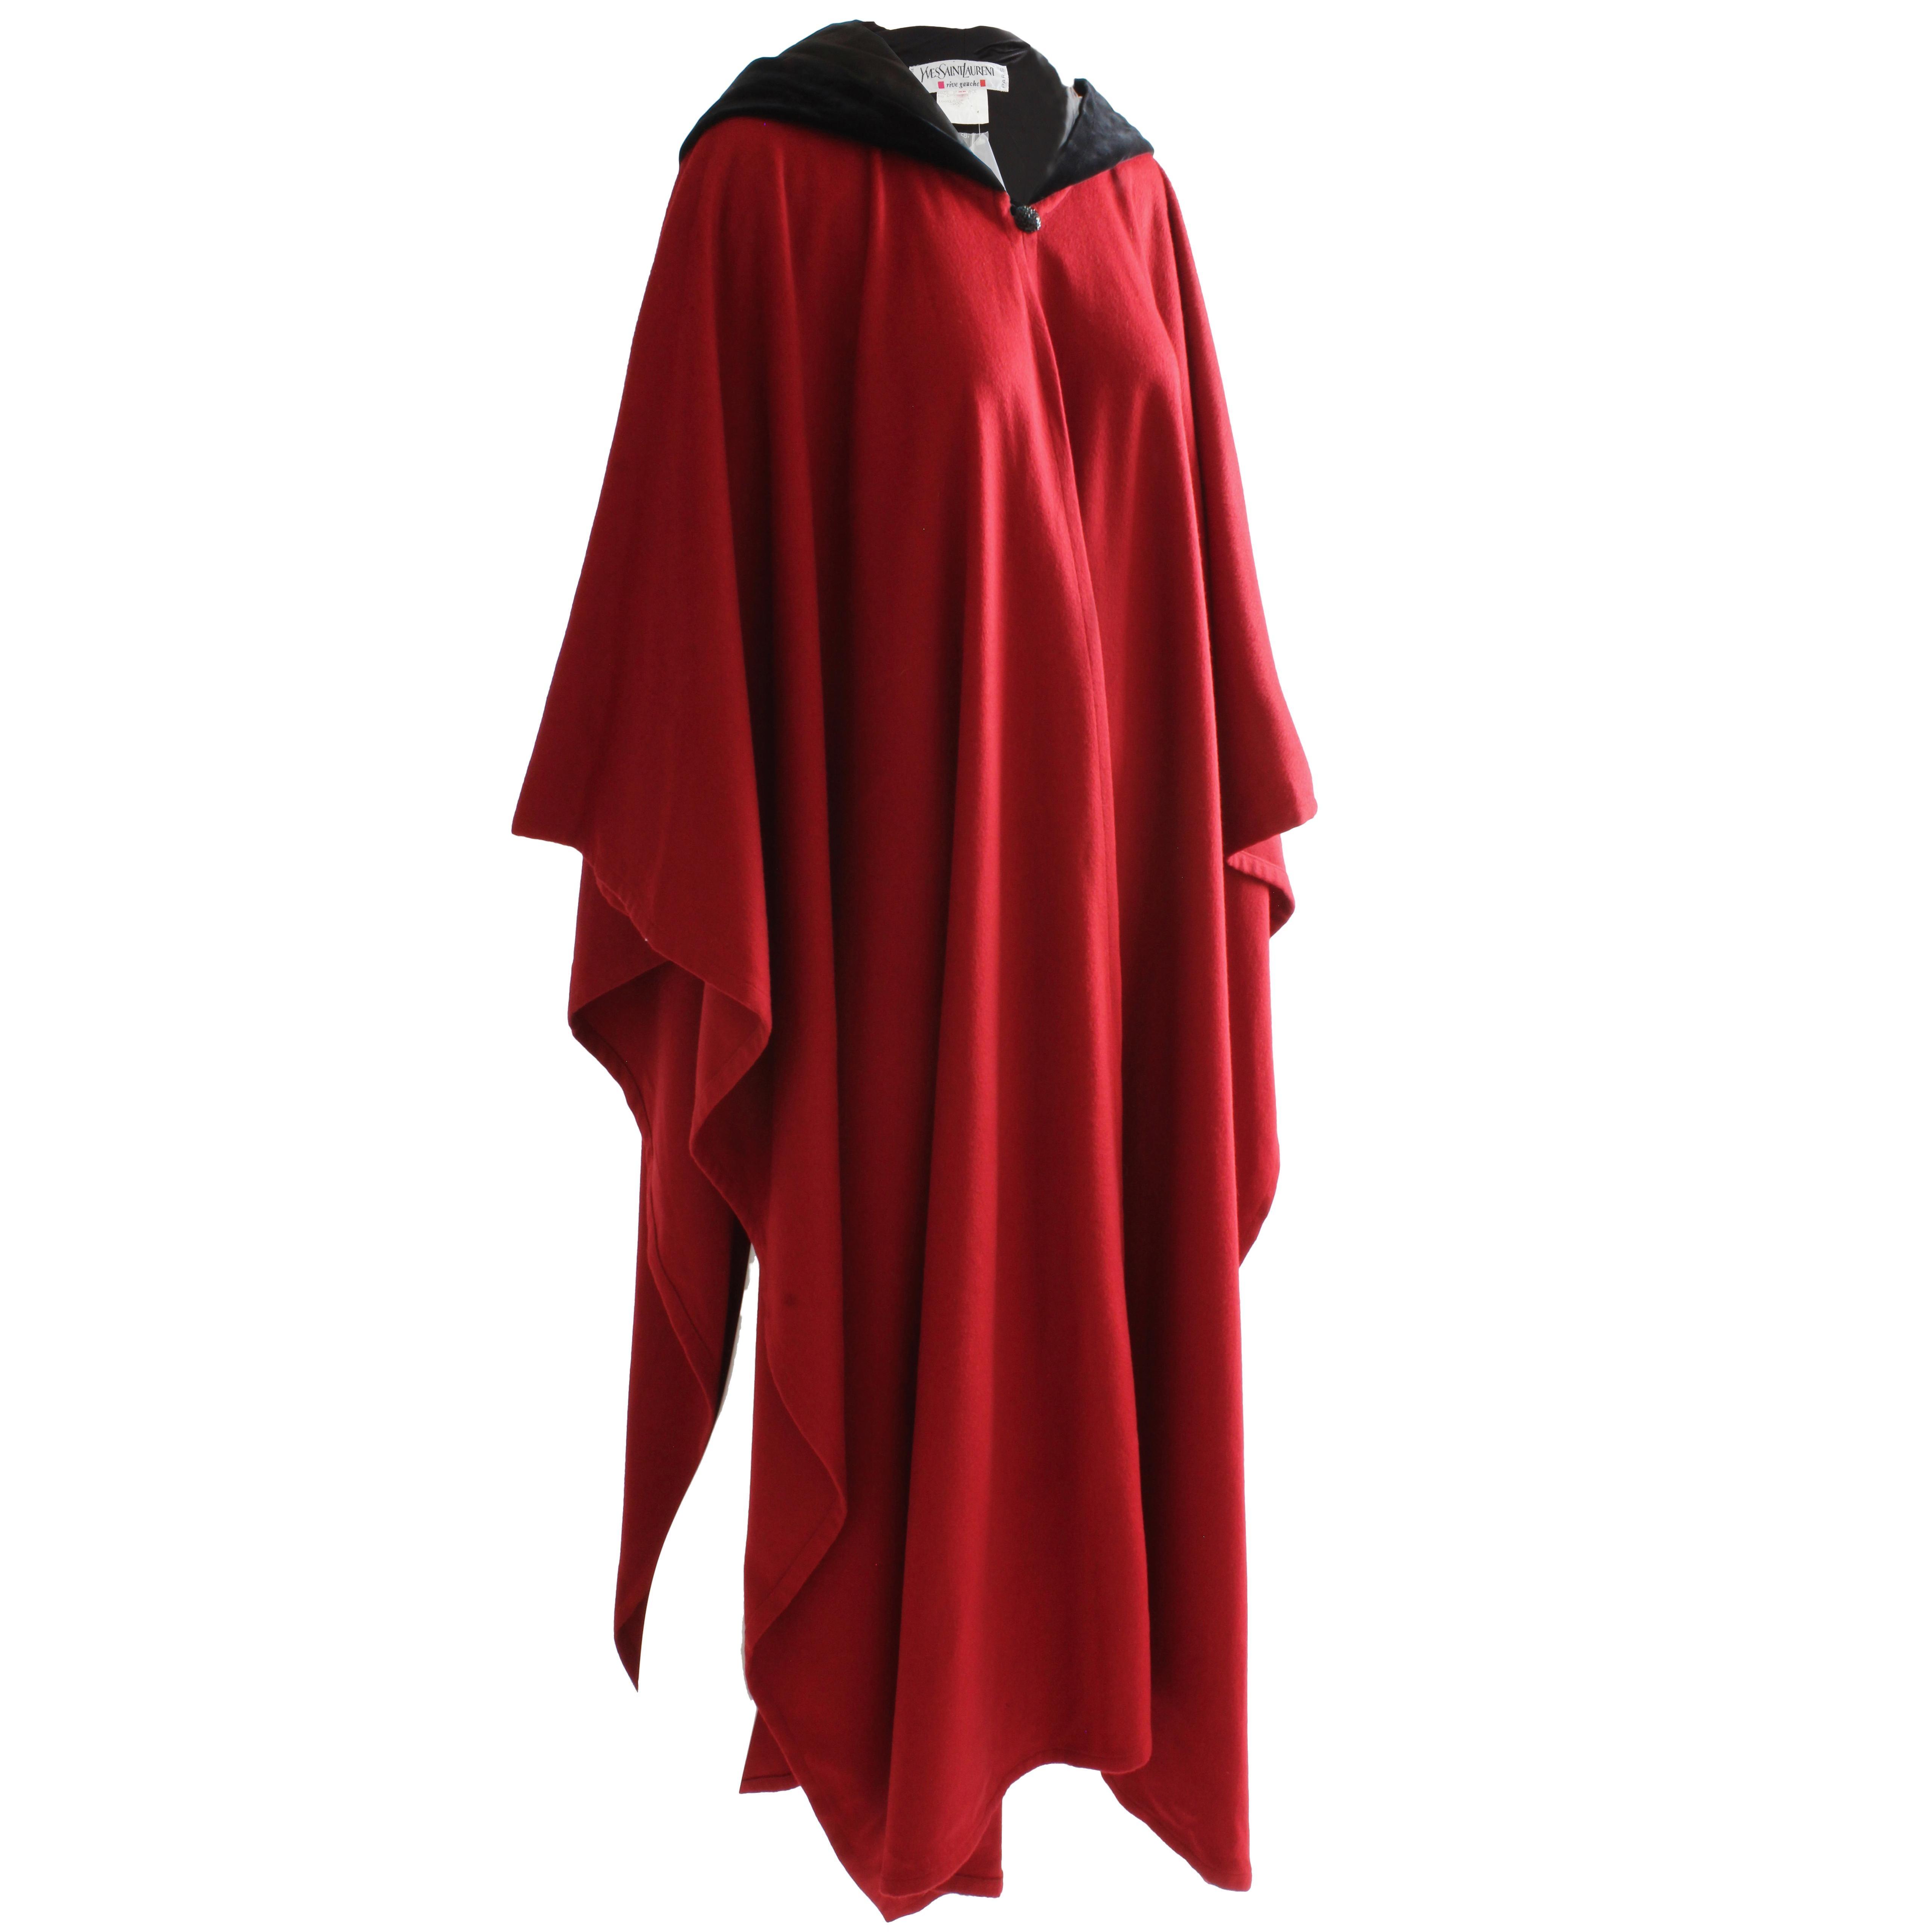 90437019c89 70s Yves Saint Laurent Wool Cape with Black Velvet Hood Rare New Old Stock  Sz 38 For Sale at 1stdibs